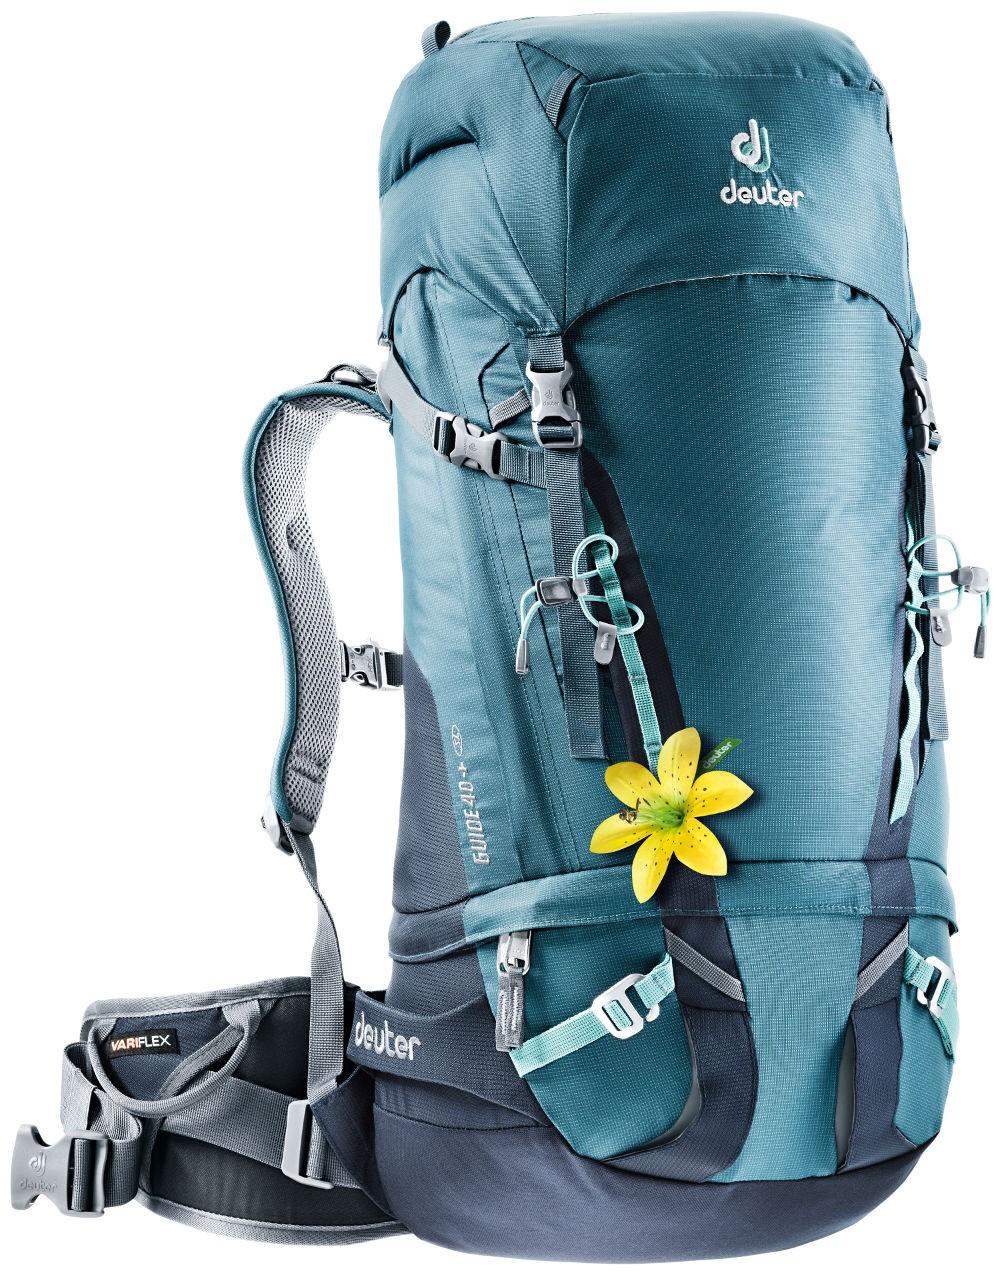 b62305b750f8f Weld.pl - Plecaki Plecaki wspinaczkowe DAMSKI PLECAK WSPINACZKOWY ...